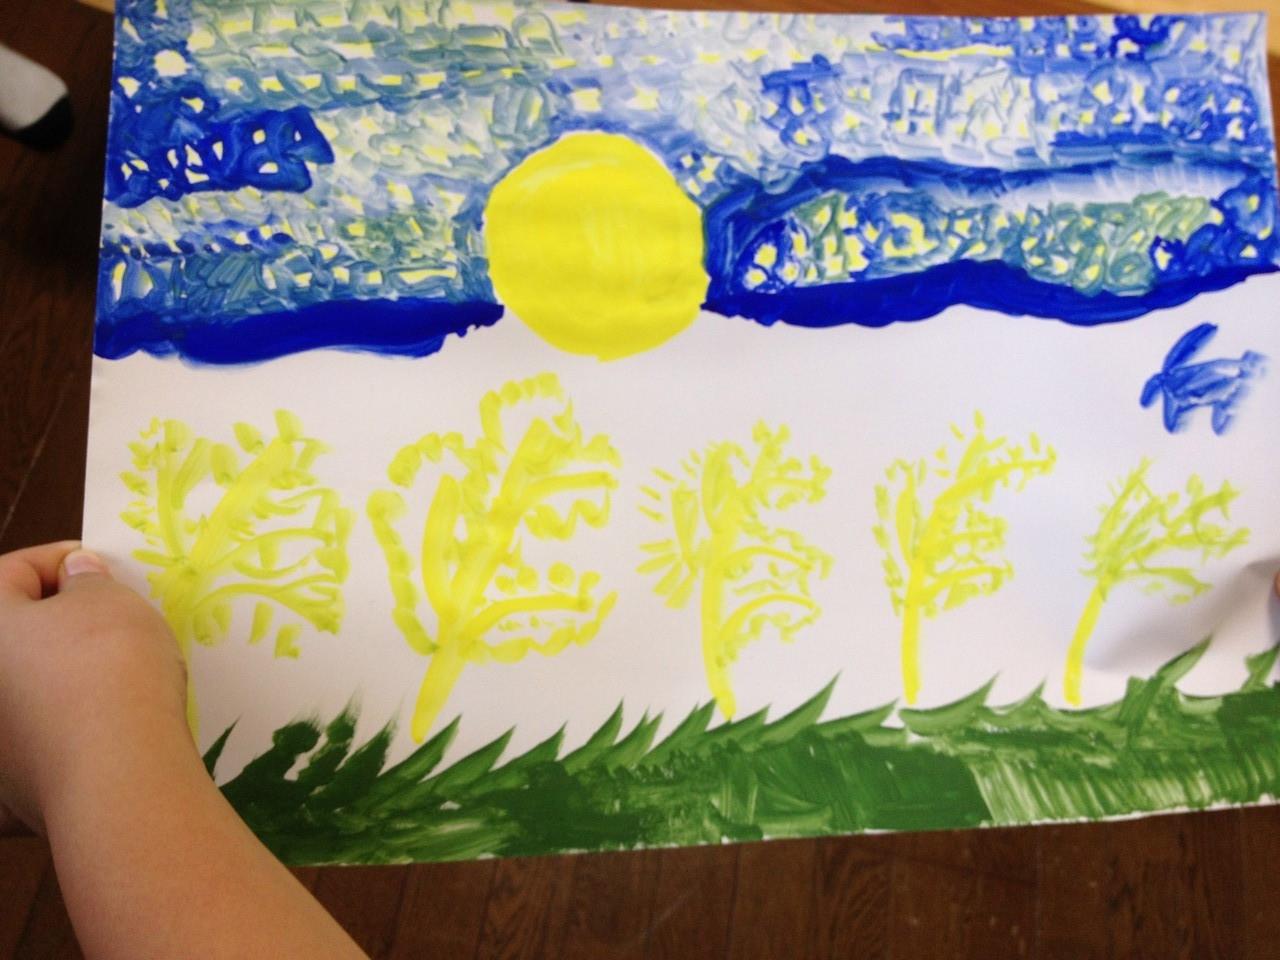 昨夜みた十五夜と天の川を描いたそうです